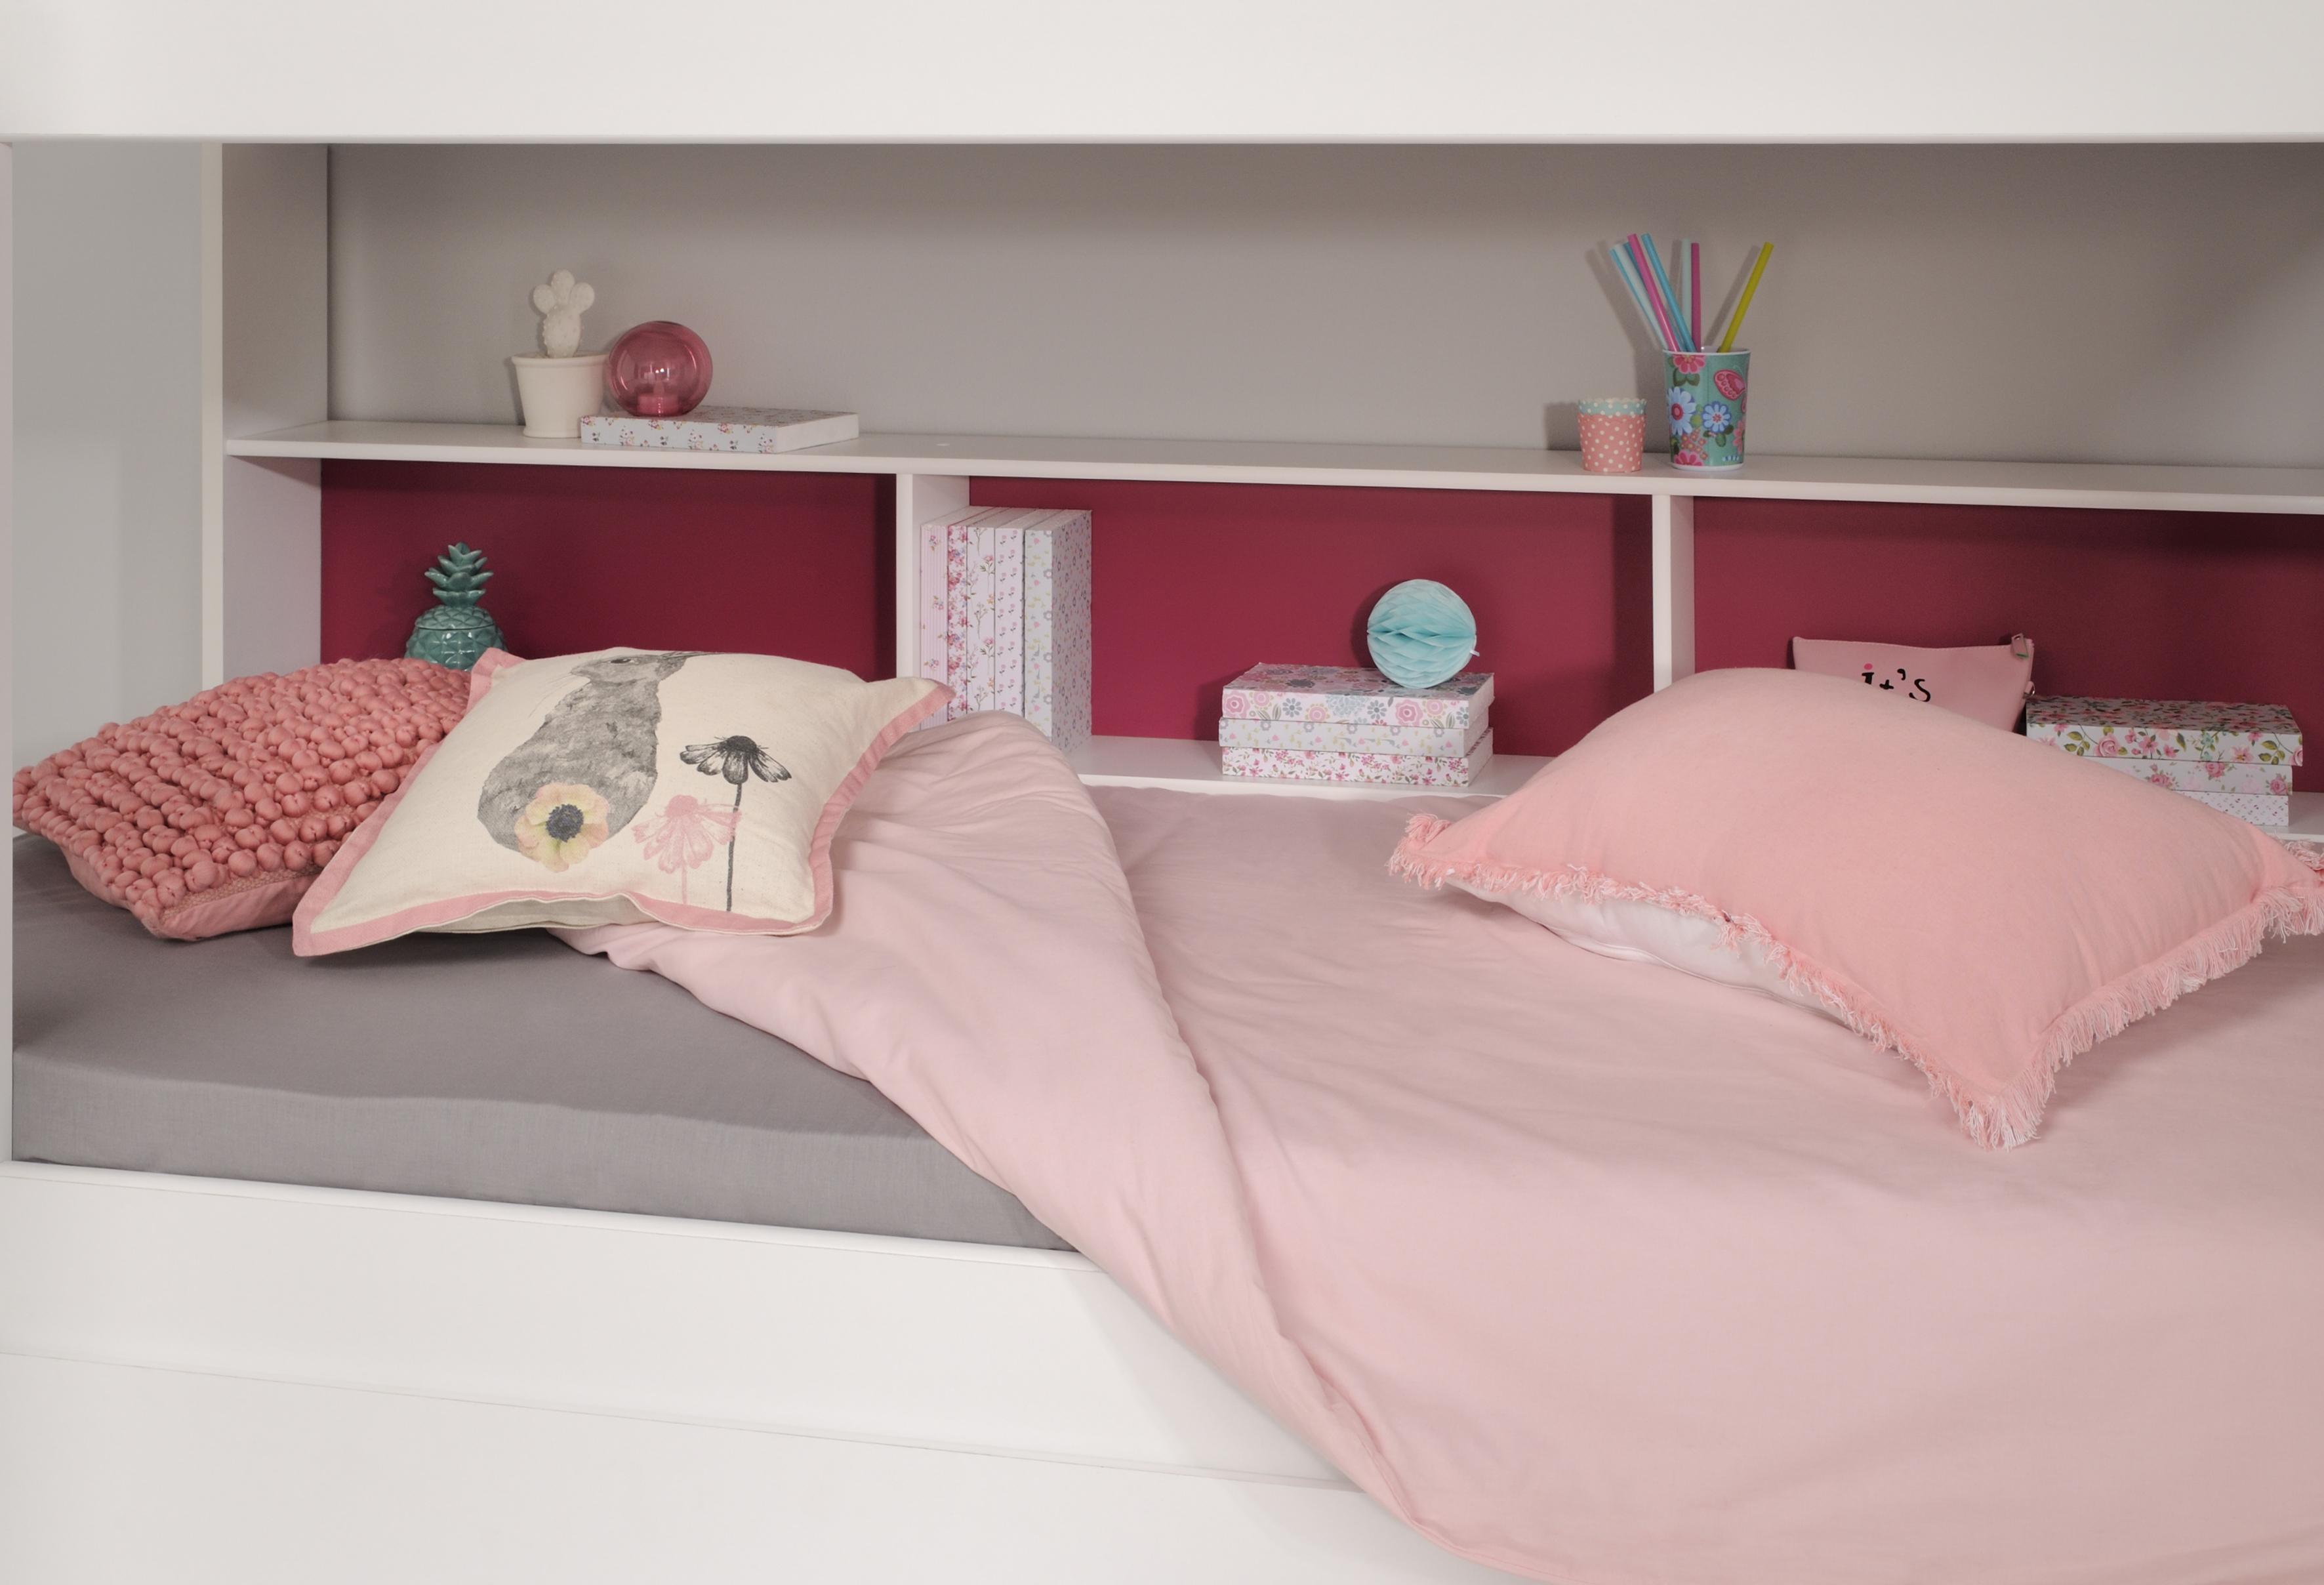 Parisot Etagenbett Tam Tam Anleitung : Kinderzimmer tlg inkl etagenbett tam von parisot weiss